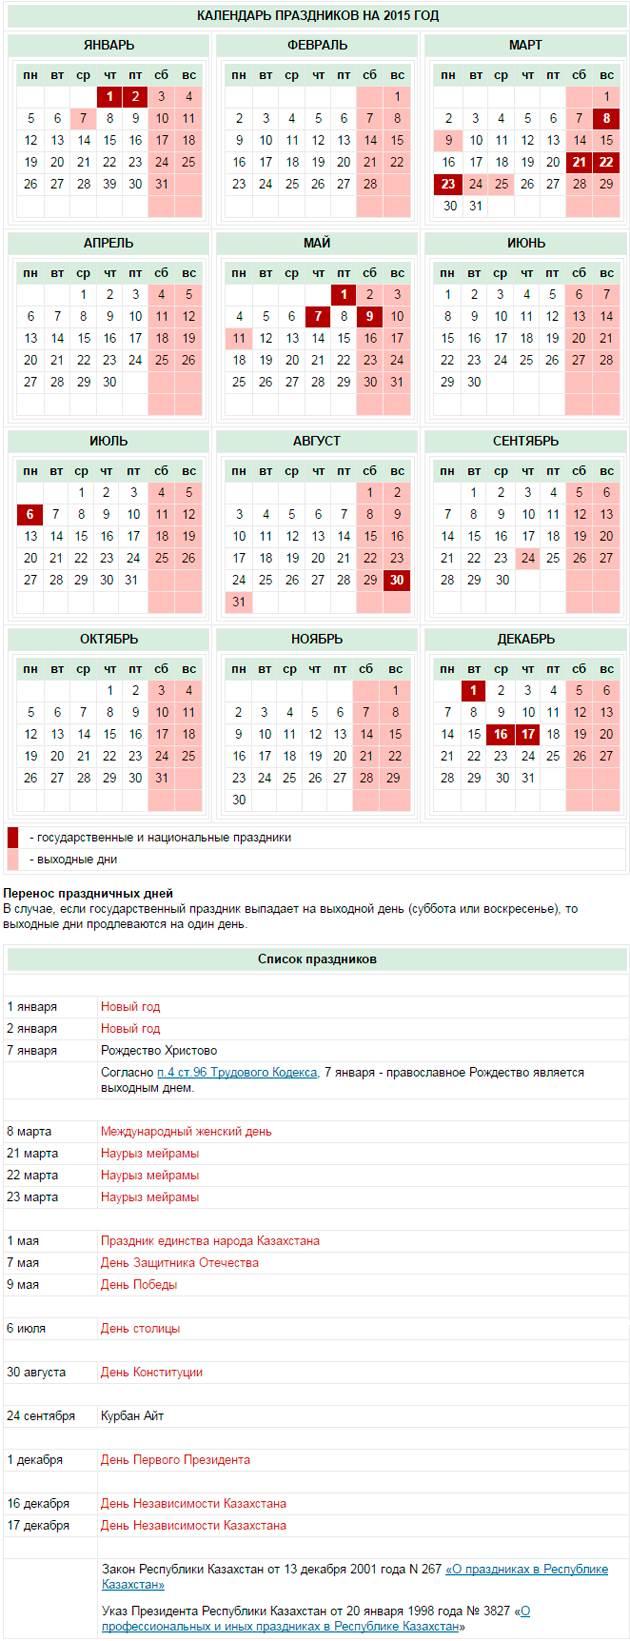 рядового дни праздников на декабрь Деверелл